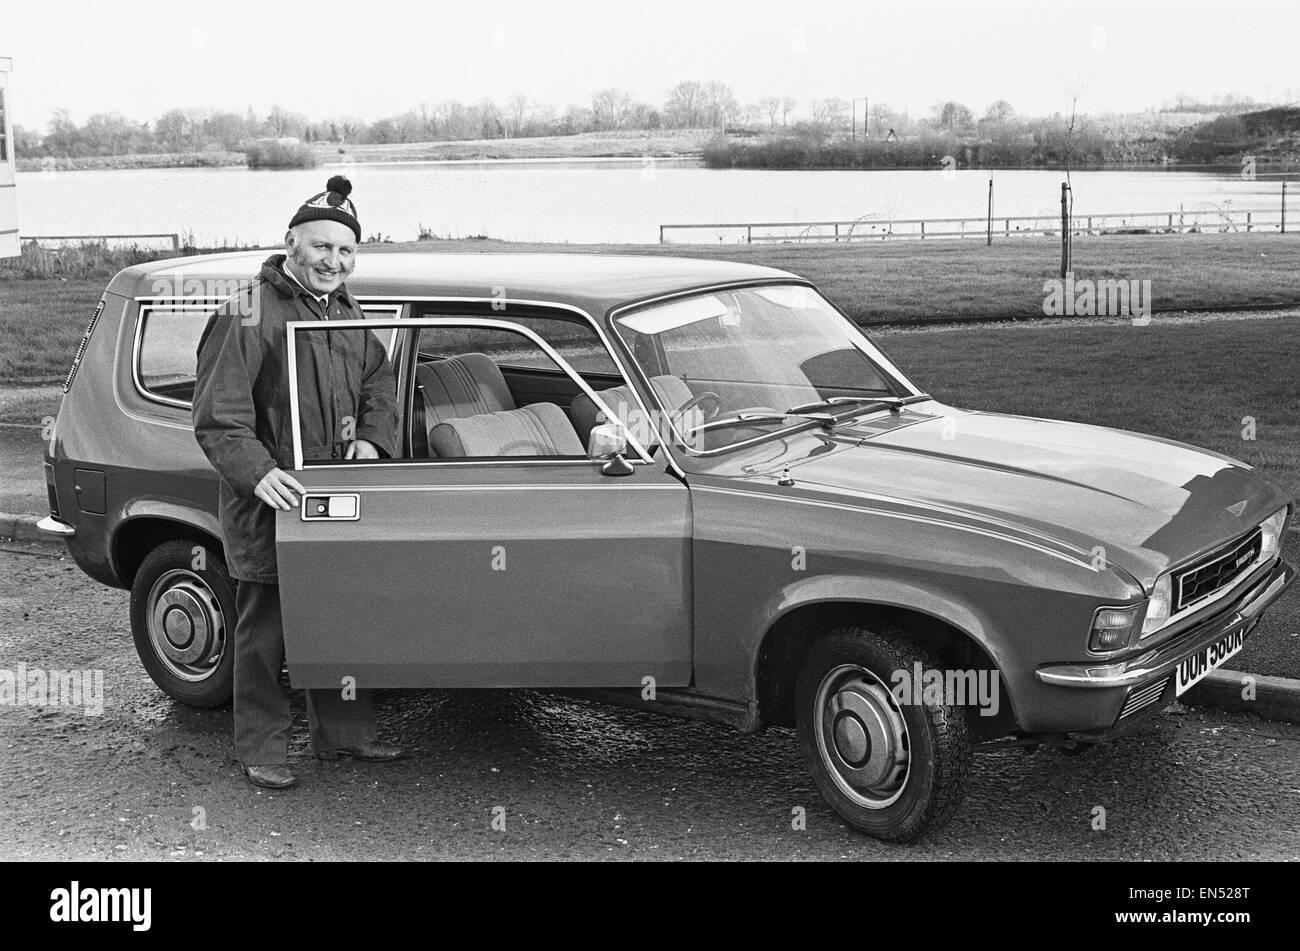 British Leyland Allegro il primo premio della sveglia Win-A-auto della concorrenza. Circa 1973 Immagini Stock